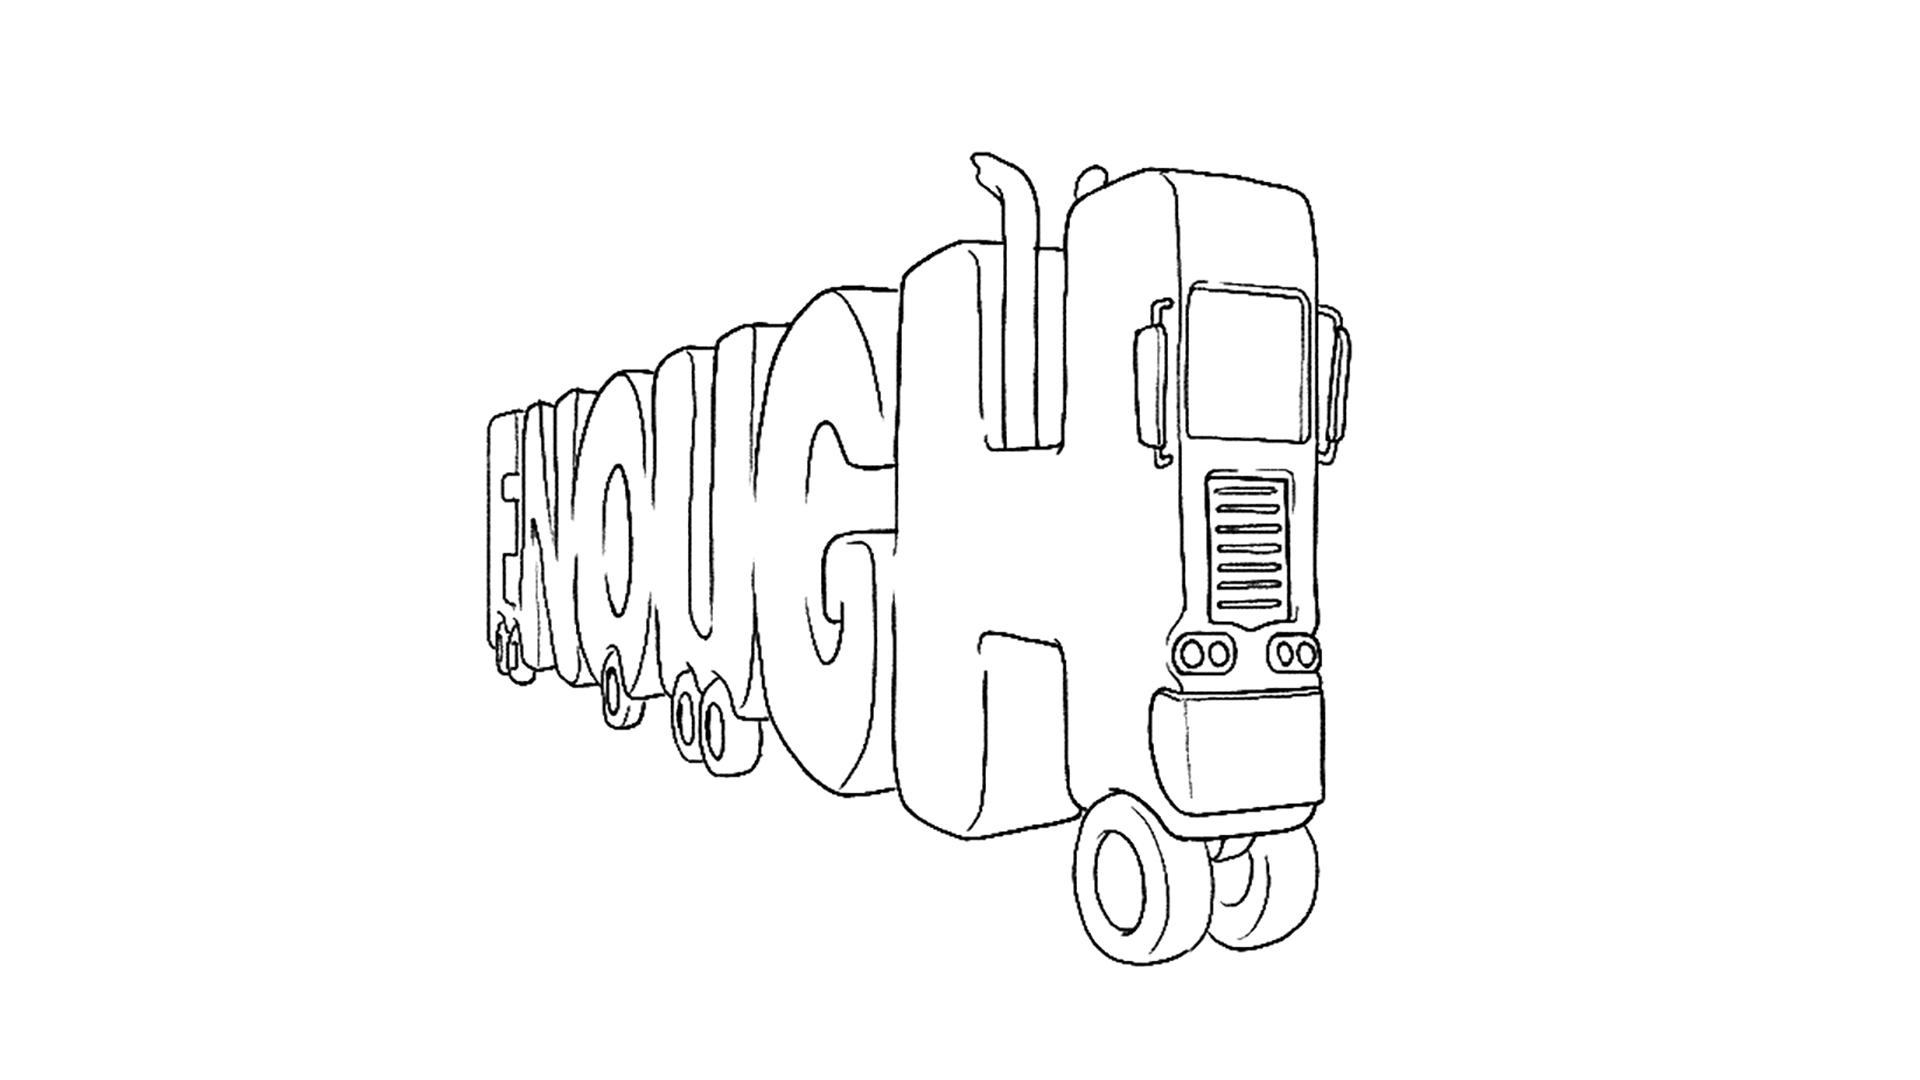 Oreo_HB_ENOUGH_Design_01.jpg